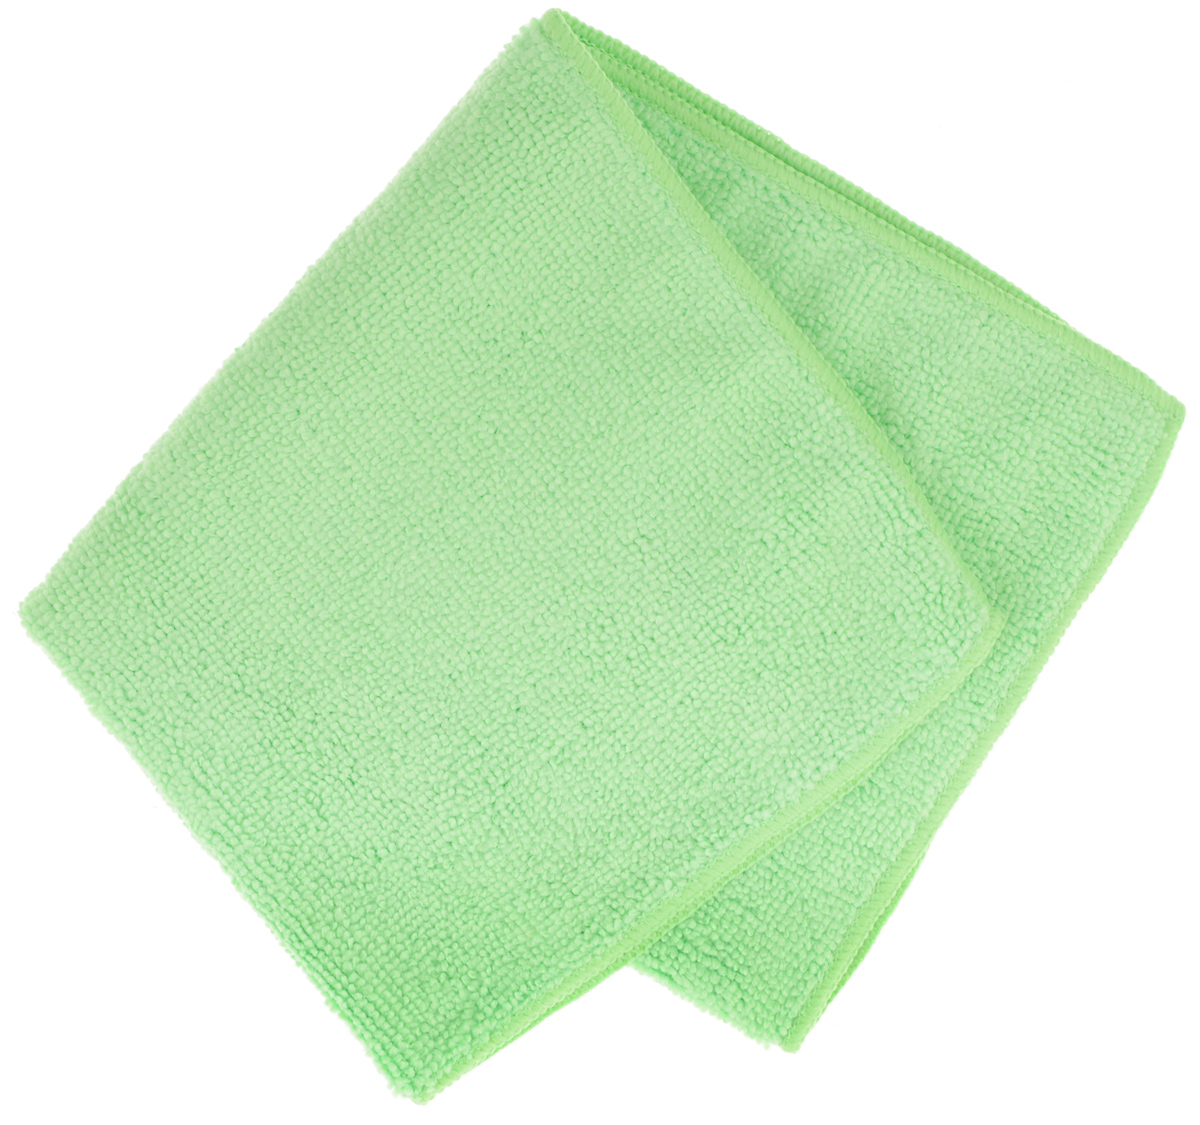 Салфетка для уборки Sol из микрофибры, цвет: зеленый, 30 x 30 смЧС 1.4Салфетка Soll выполнена из микрофибры. Микрофибра - это ткань из тонких микроволокон, которая эффективно очищает поверхности благодаря капиллярному эффекту между ними. Такая салфетка может использоваться как для сухой, так и для влажной уборки. Деликатно очищает любые поверхности не оставляя следов и разводов. Идеально подходит для протирки полированной мебели.Рекомендации по применению и уходу: Для обеспечения гигиеничности рекомендуется прополаскивать салфетку после каждого применения с моющим средством. Для сохранения мягкости не рекомендуется сушить вблизи отопительных приборов и на батареях. Нельзя стирать с отбеливающими средствами, кипятить и гладить.